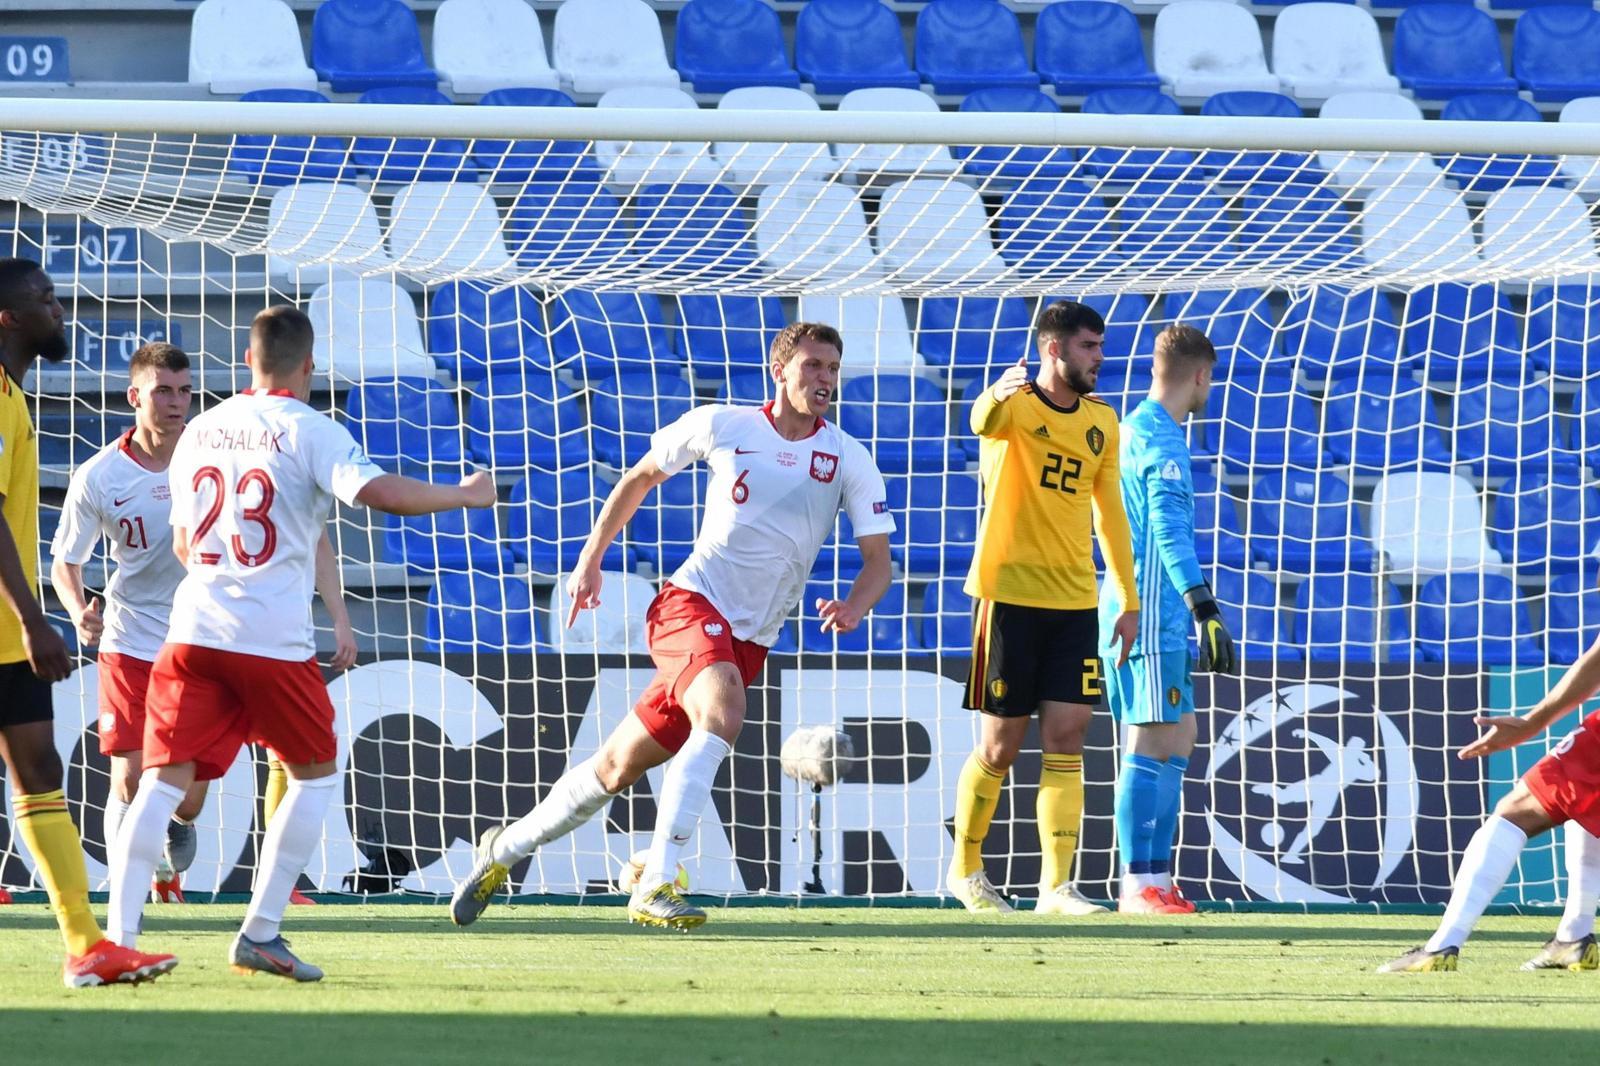 La Polonia batte il Belgio nella gara d'apertura degli Europei U21